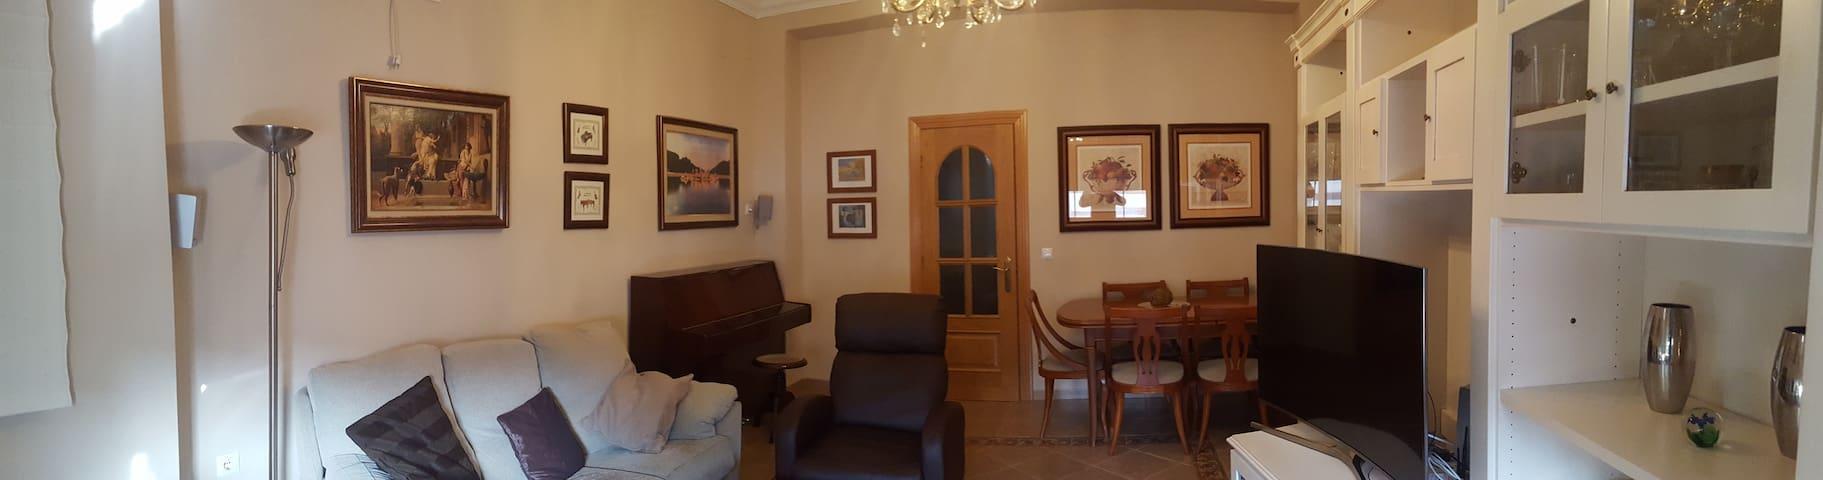 Apartamento en el Centro de Andalucía - Cuevas Bajas - Apartamento